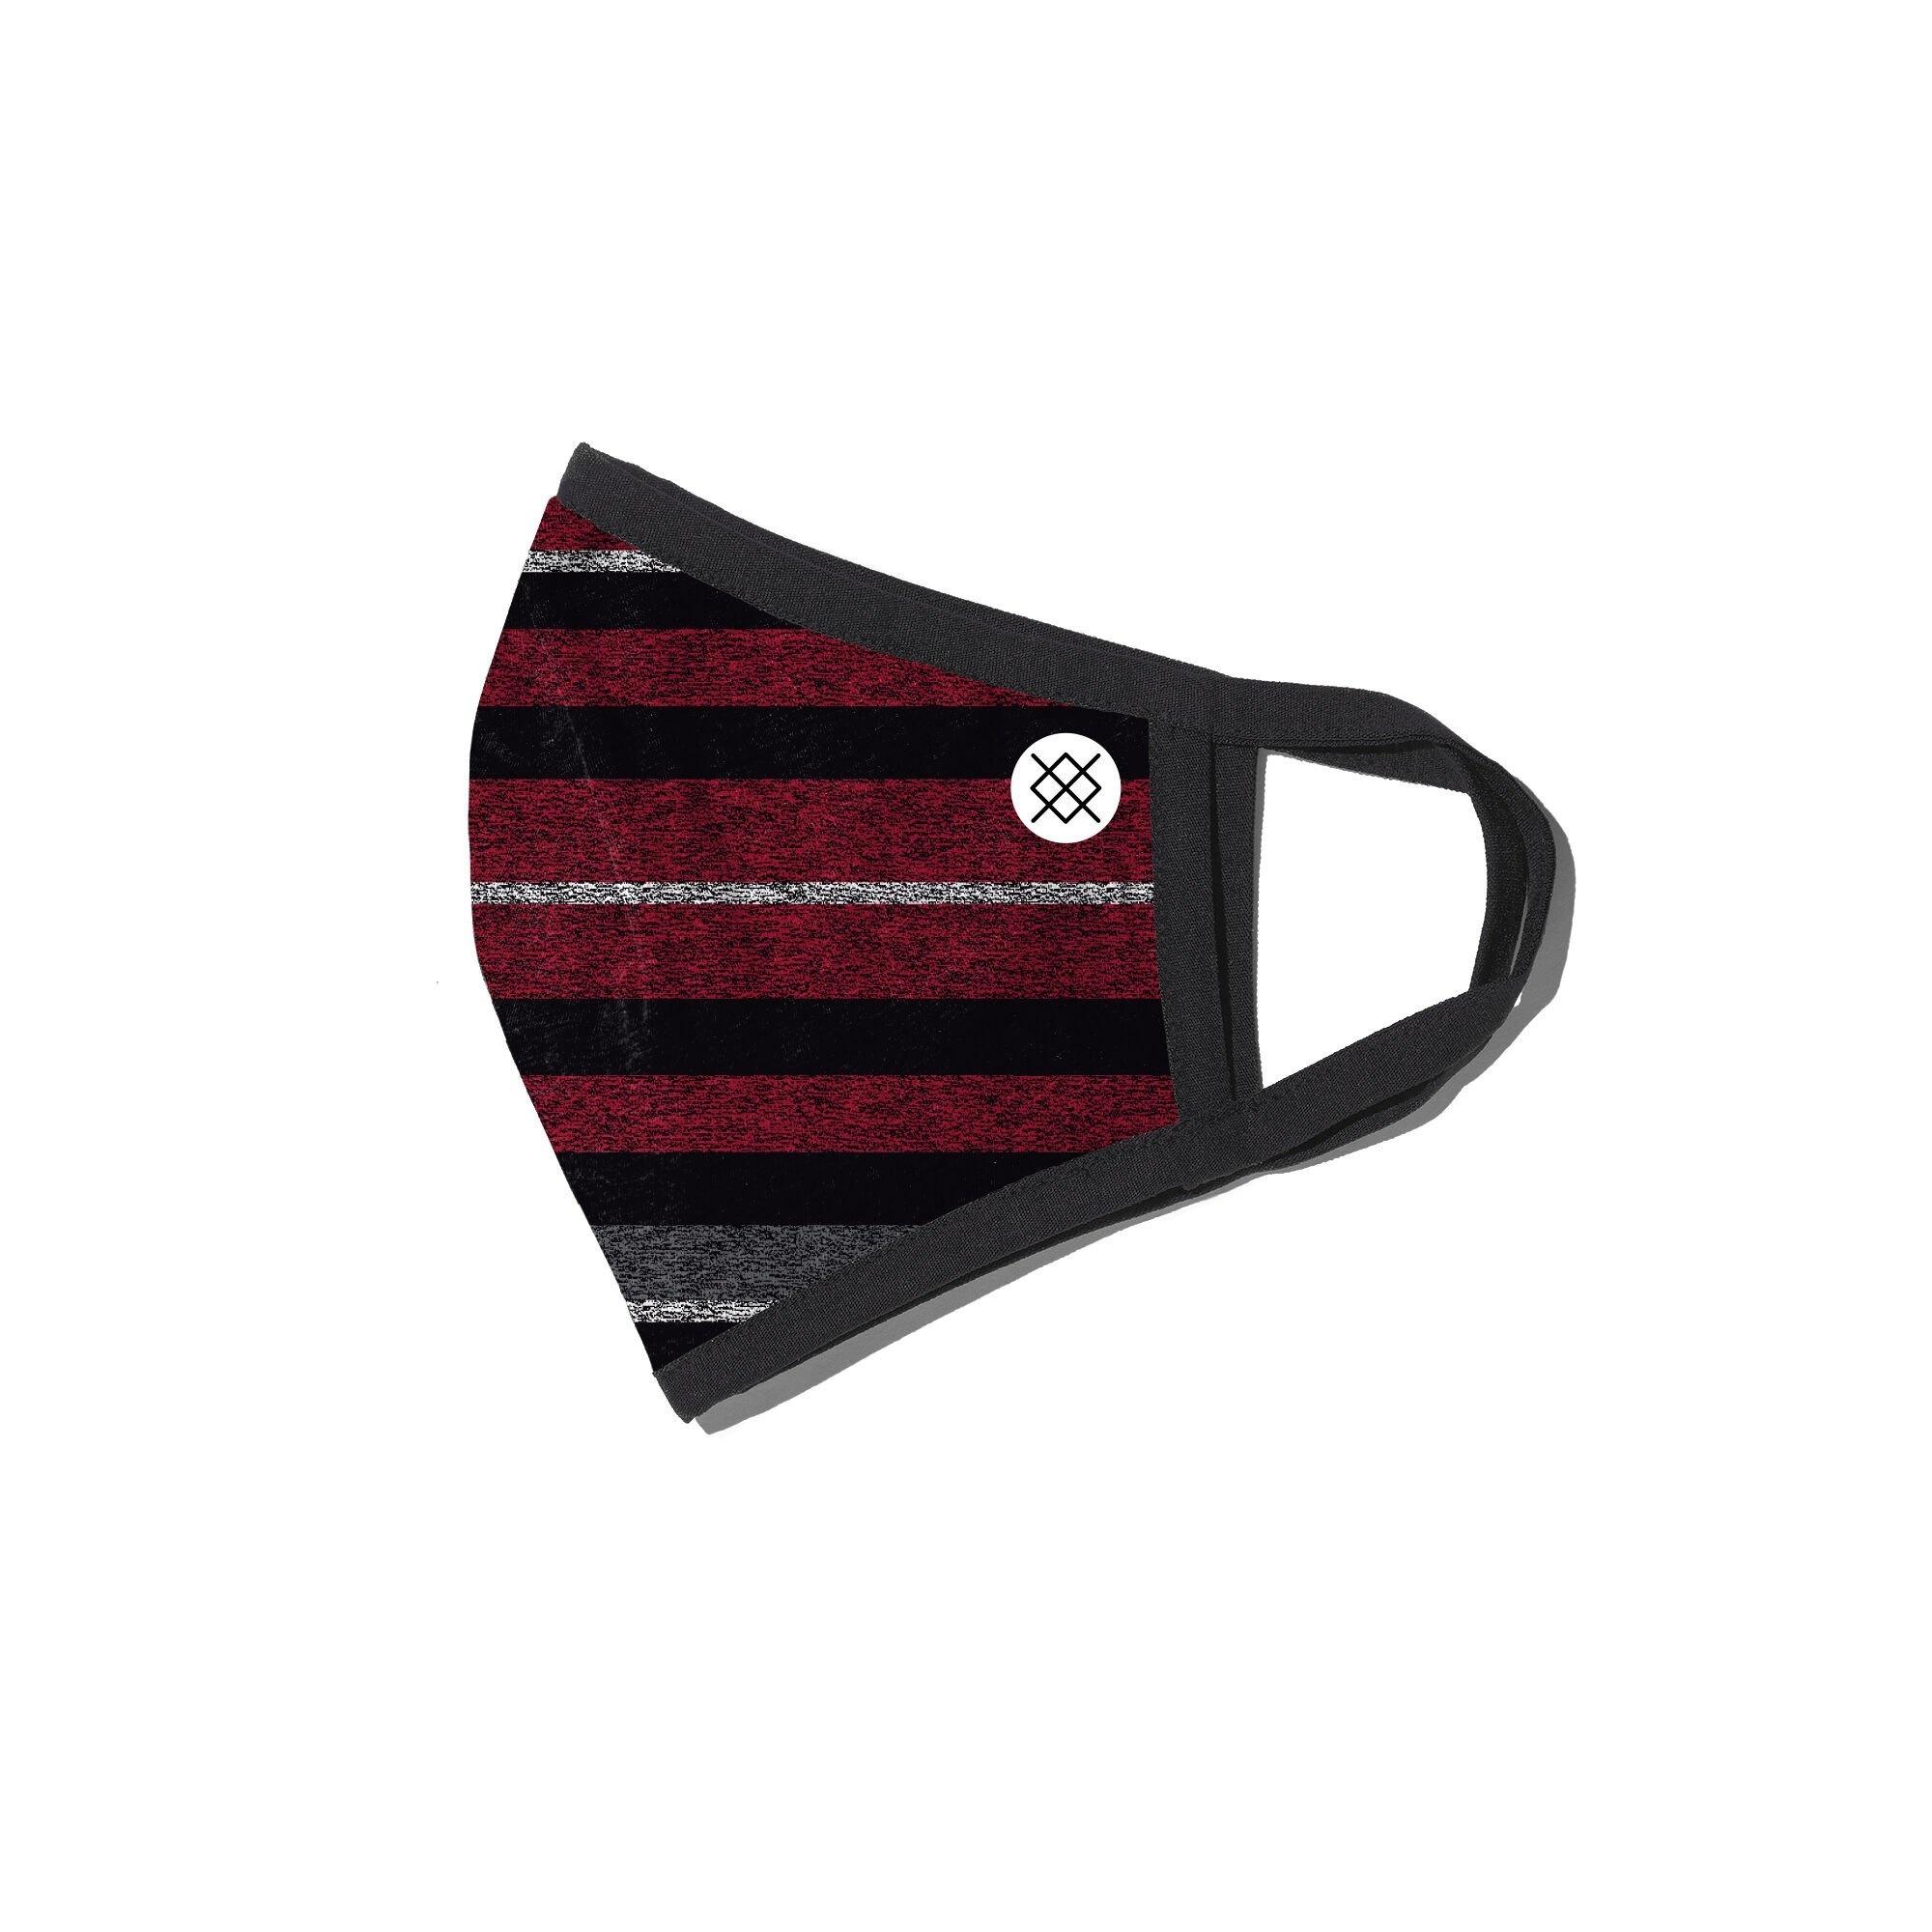 stance pivot mask